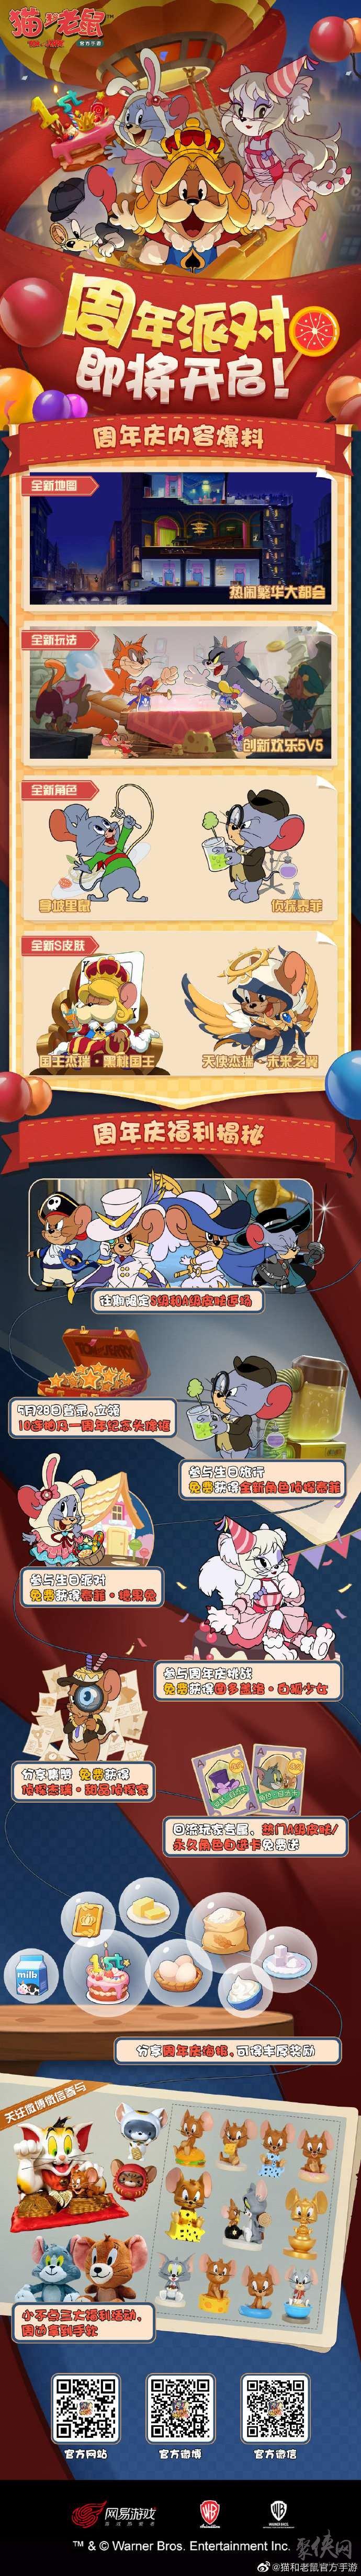 猫和老鼠手游周年派对详解 全新活动及玩法一览